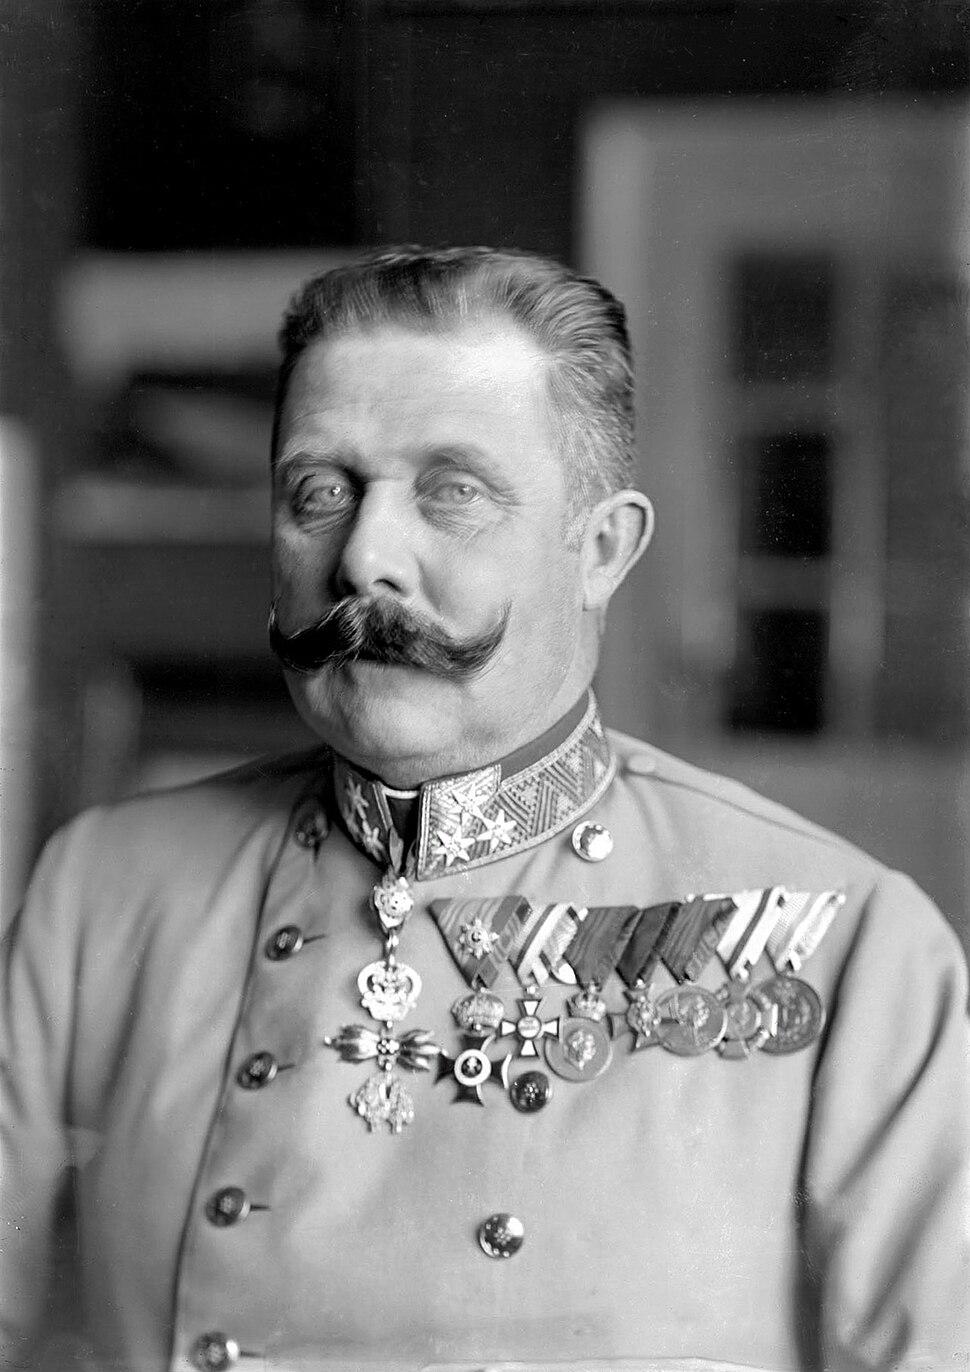 Ferdinand Schmutzer - Franz Ferdinand von %C3%96sterreich-Este, um 1914